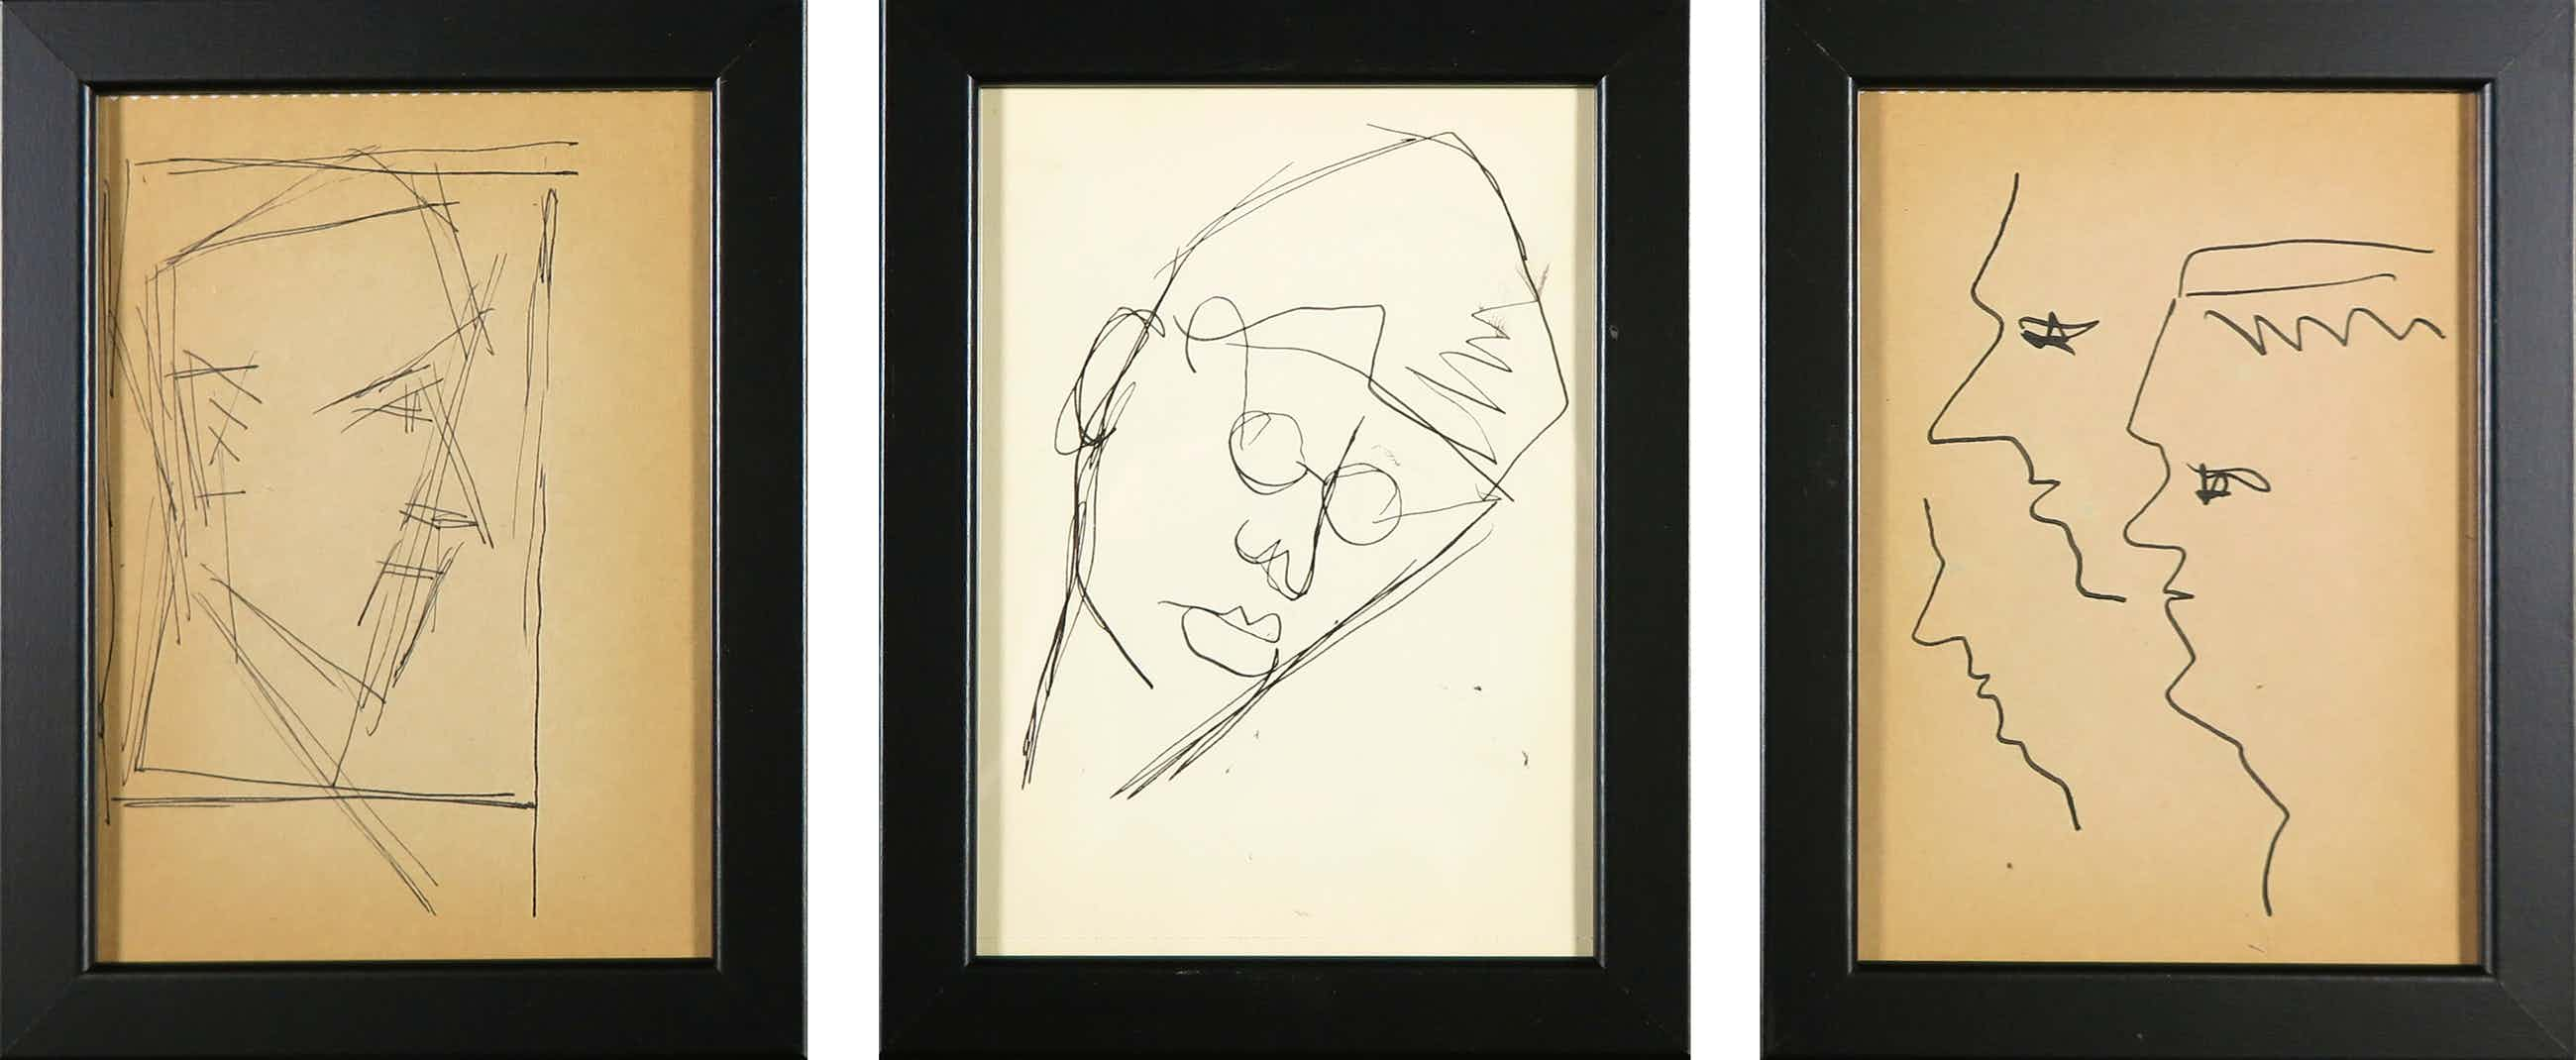 Siep van den Berg - Lot van drie tekeningen, Portretten - Ingelijst kopen? Bied vanaf 40!